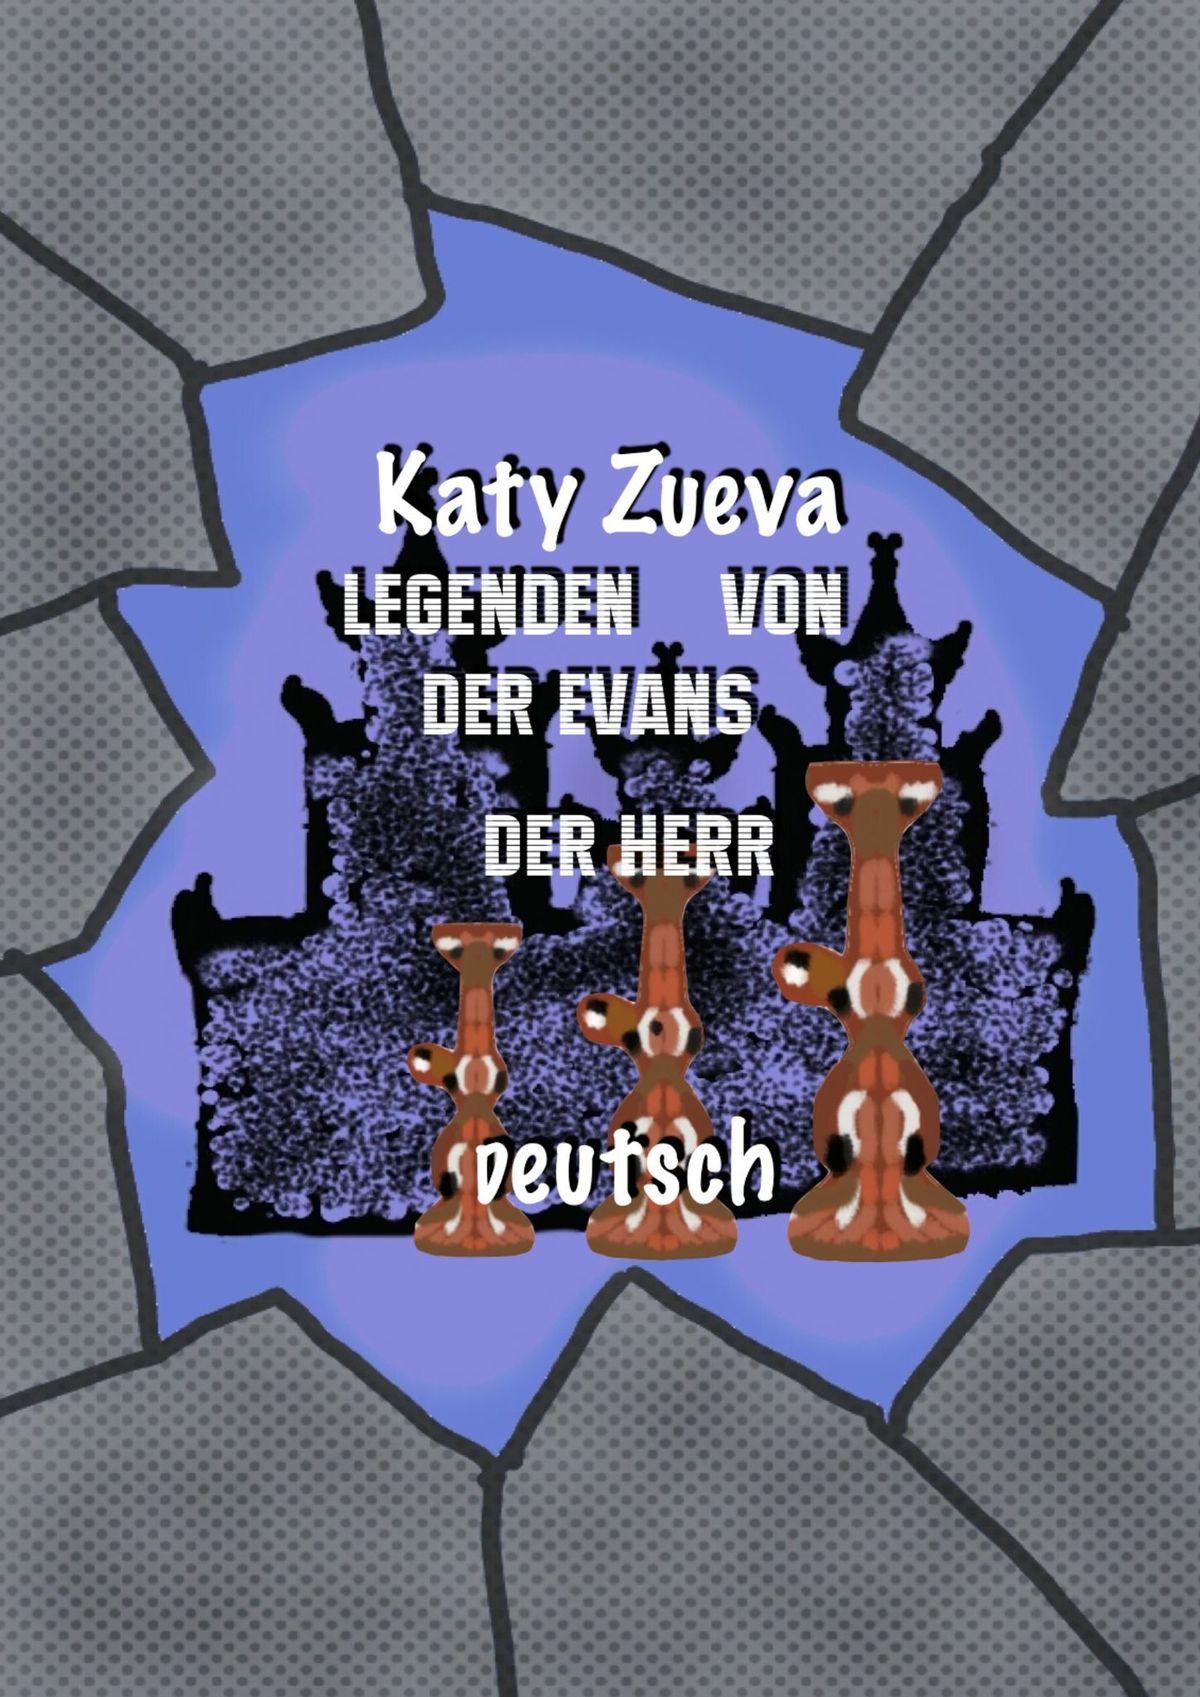 Katy Zueva Legenden von der Evans der Herr. Deutsch svante arrhenius das schicksal der planeten